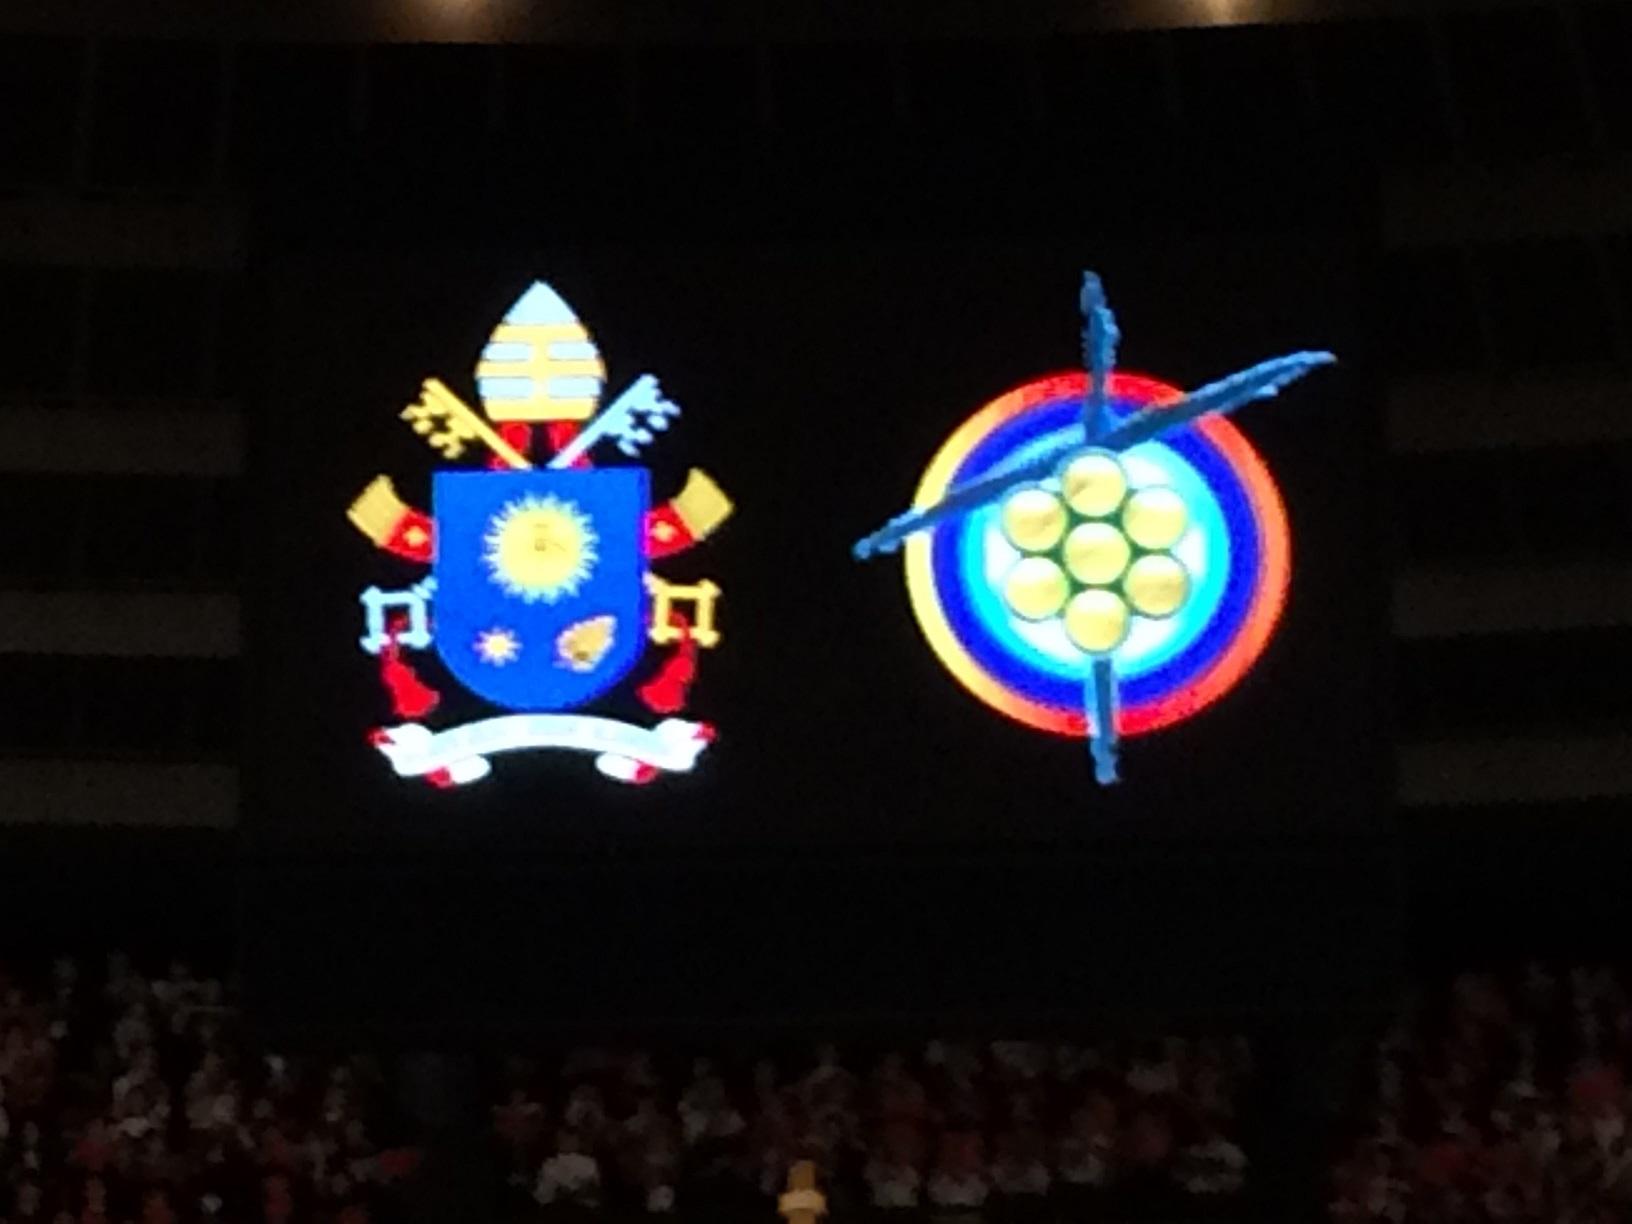 会場中央から吊るされた二つの紋章